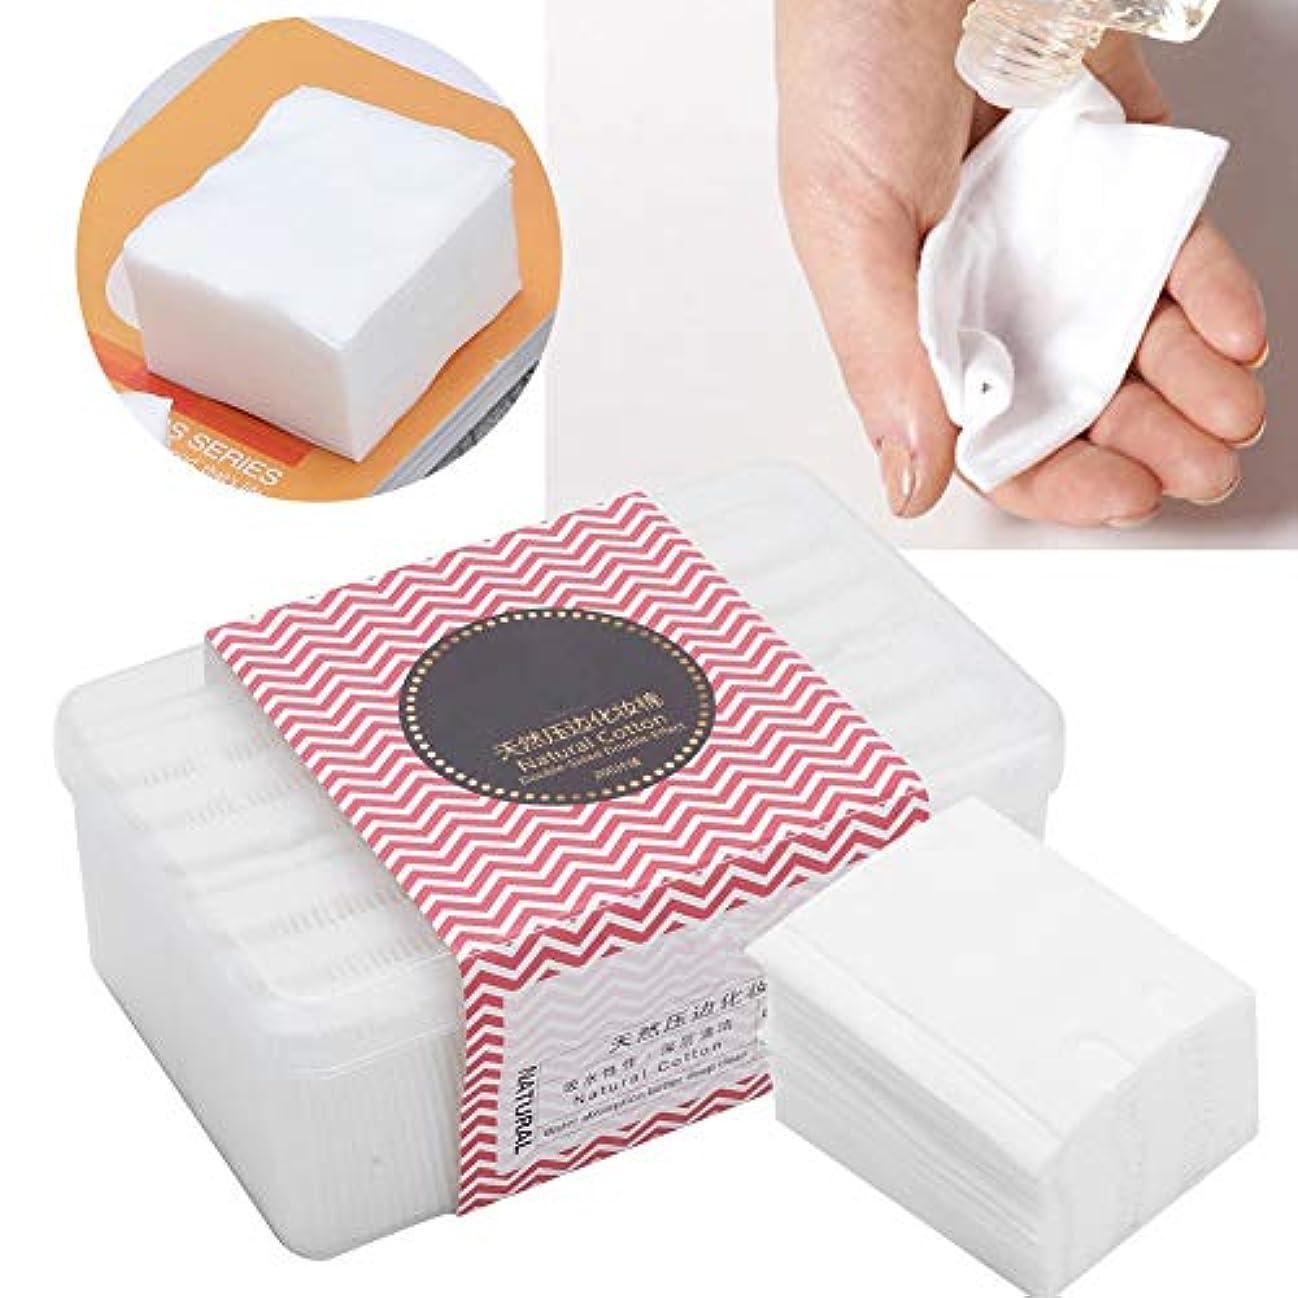 抑圧するラッドヤードキップリング会計使い捨て化粧パッド メイク 200枚セット 化粧品リムーバークリーニングワイプ